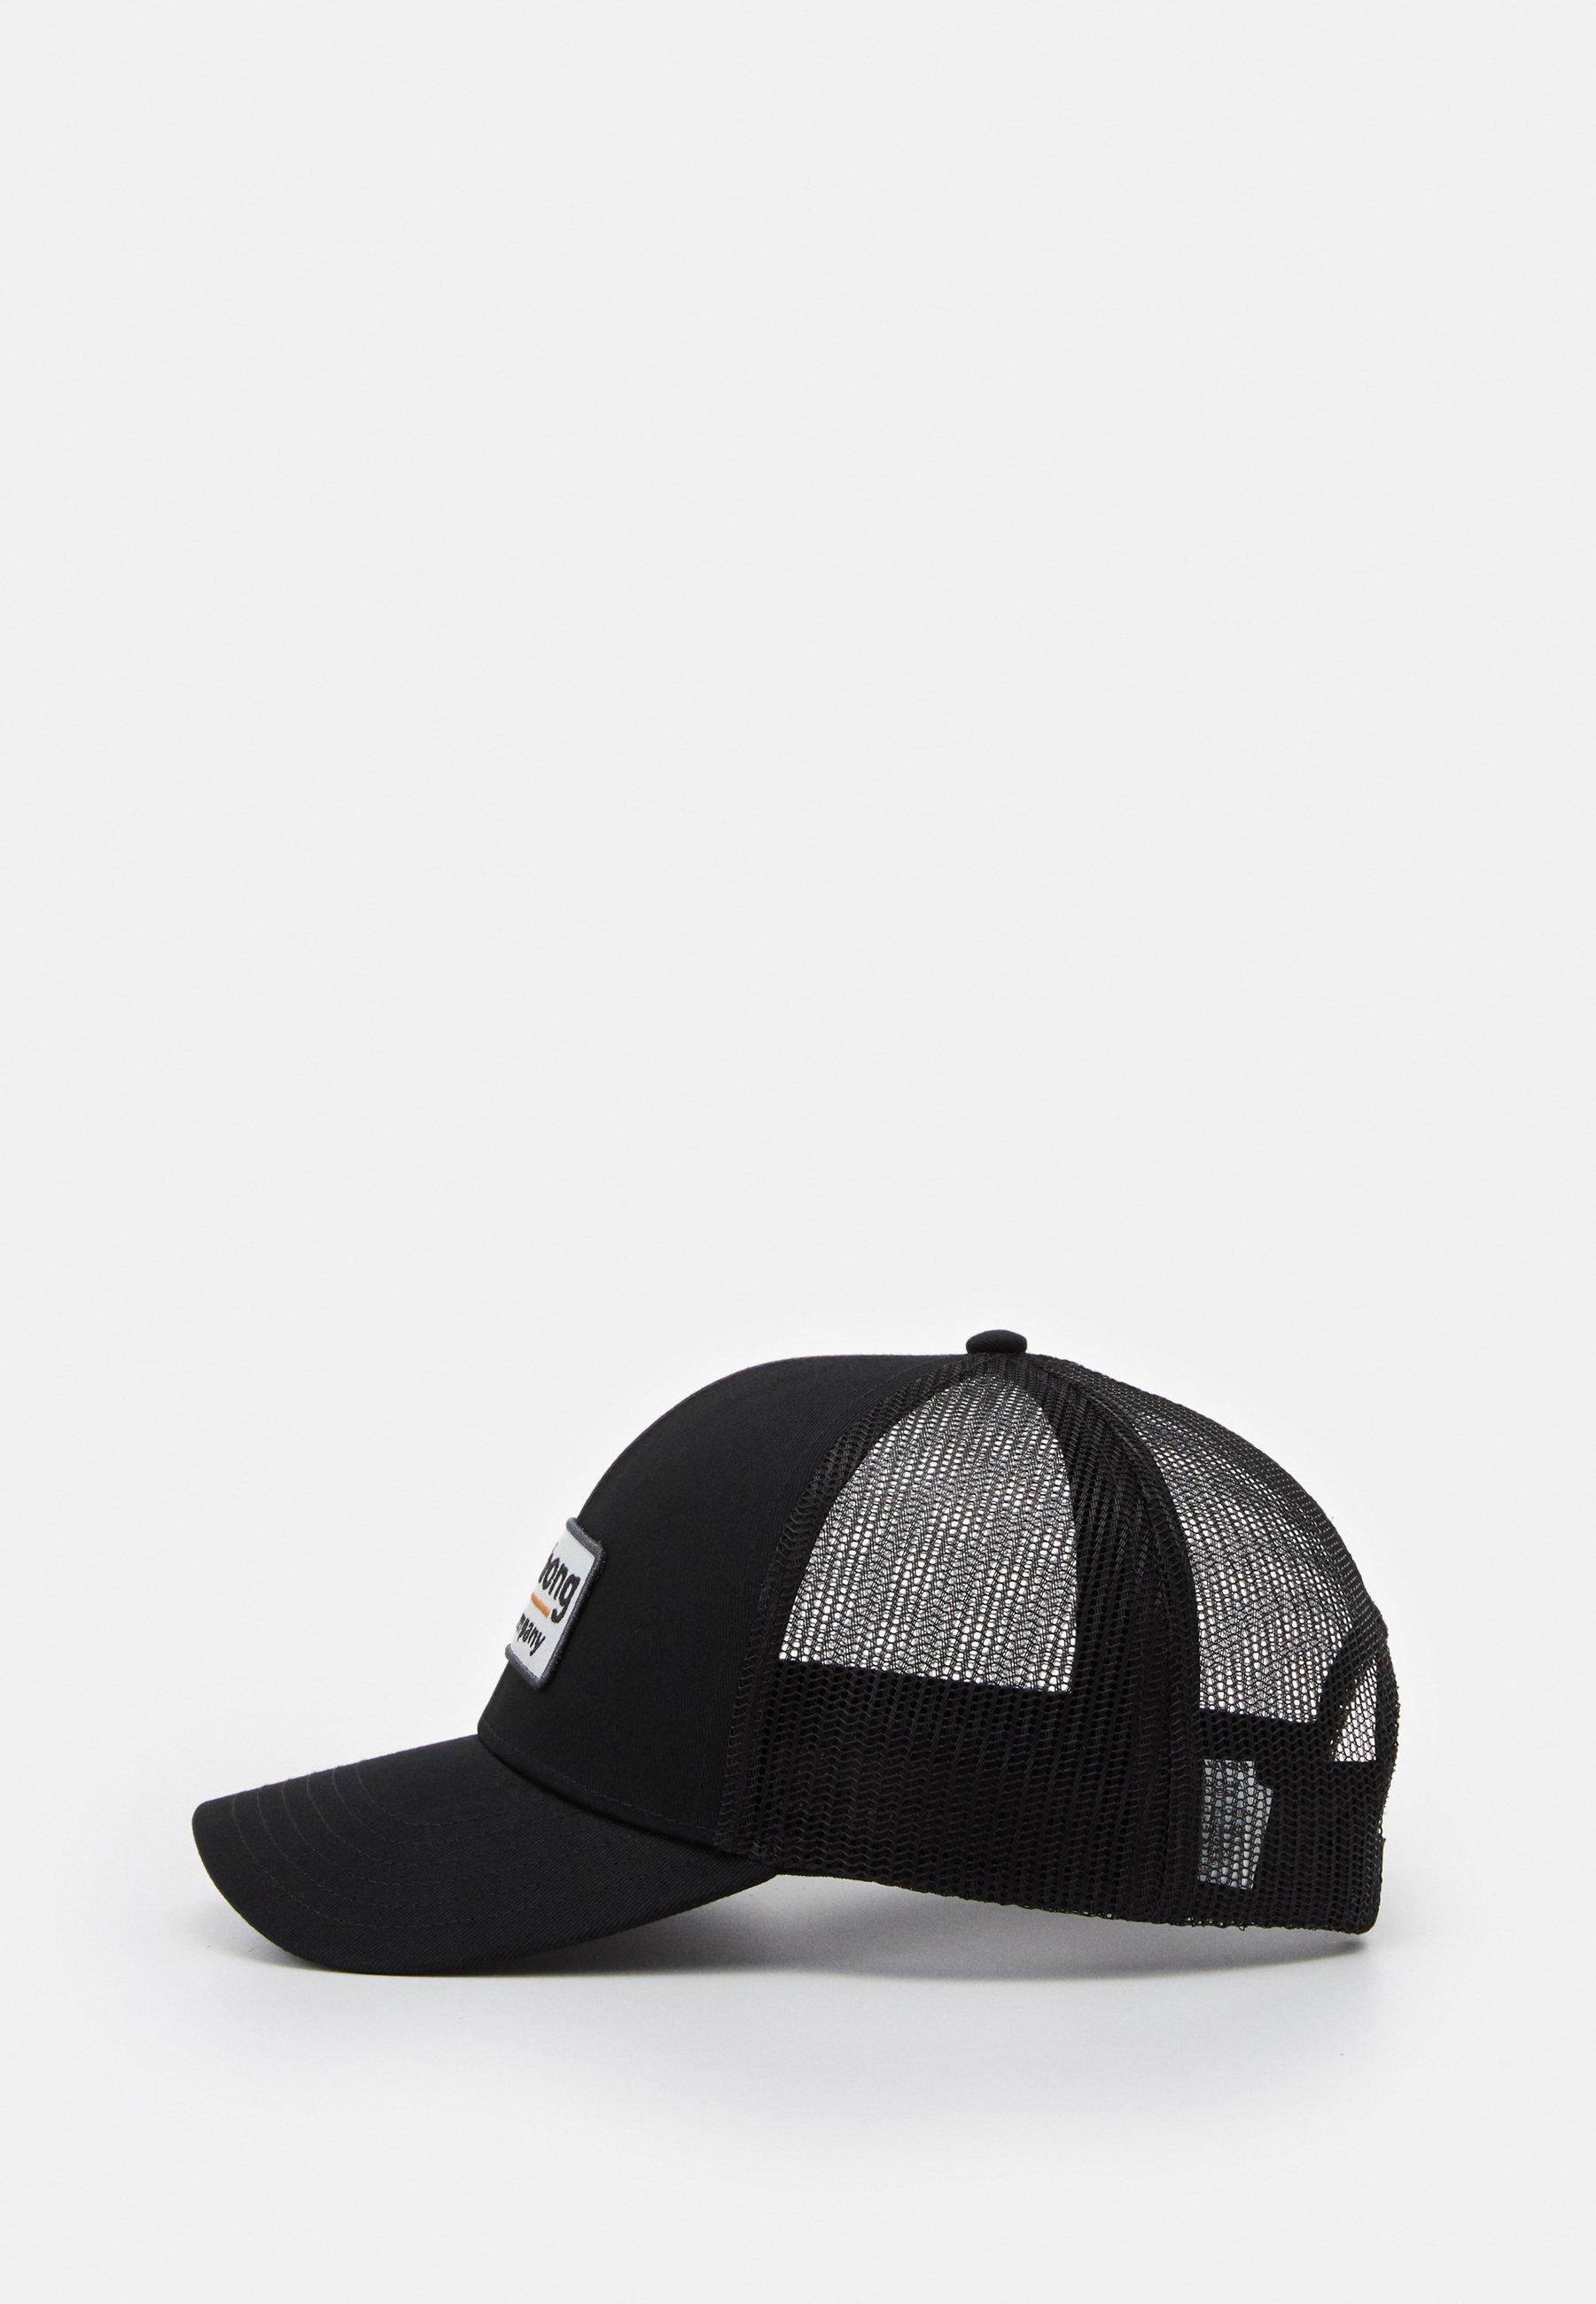 Billabong WALLED TRUCKER - Cap - black/svart 92i6DpiG6Dijh7K